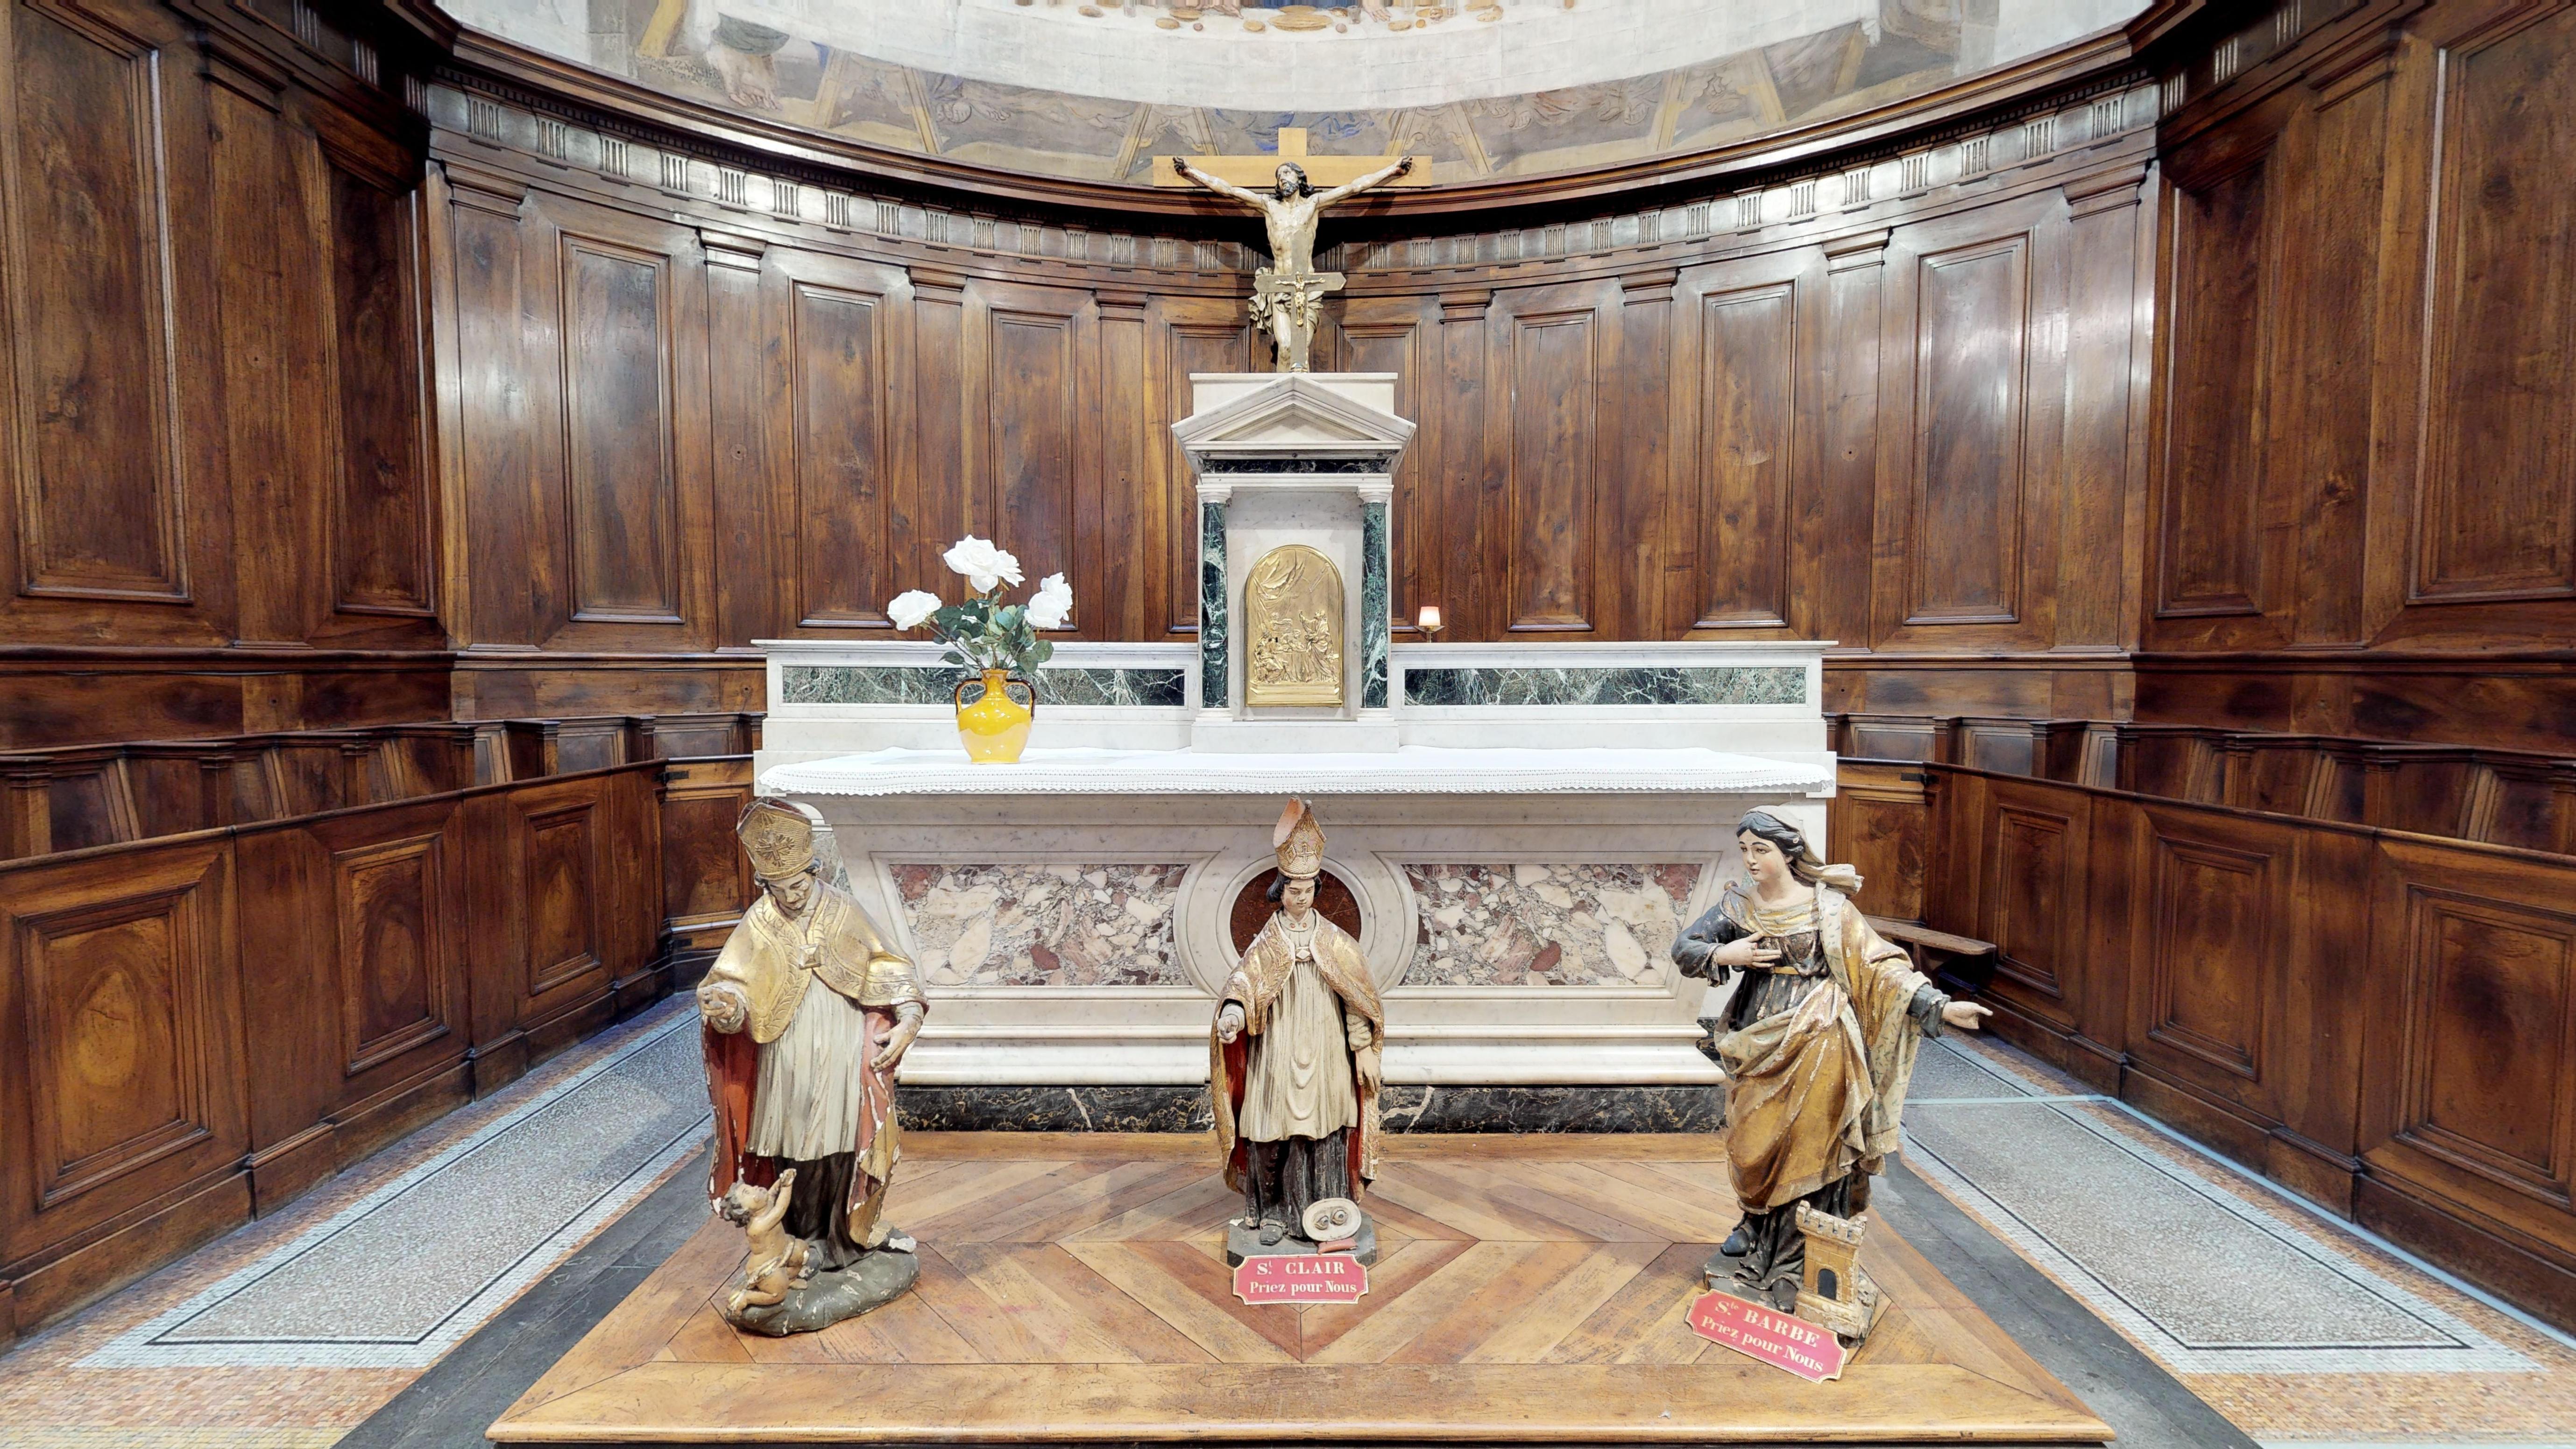 Rive-de-Gier-Eglise-Notre-Dame-2018-saint-clair-saint-barbe